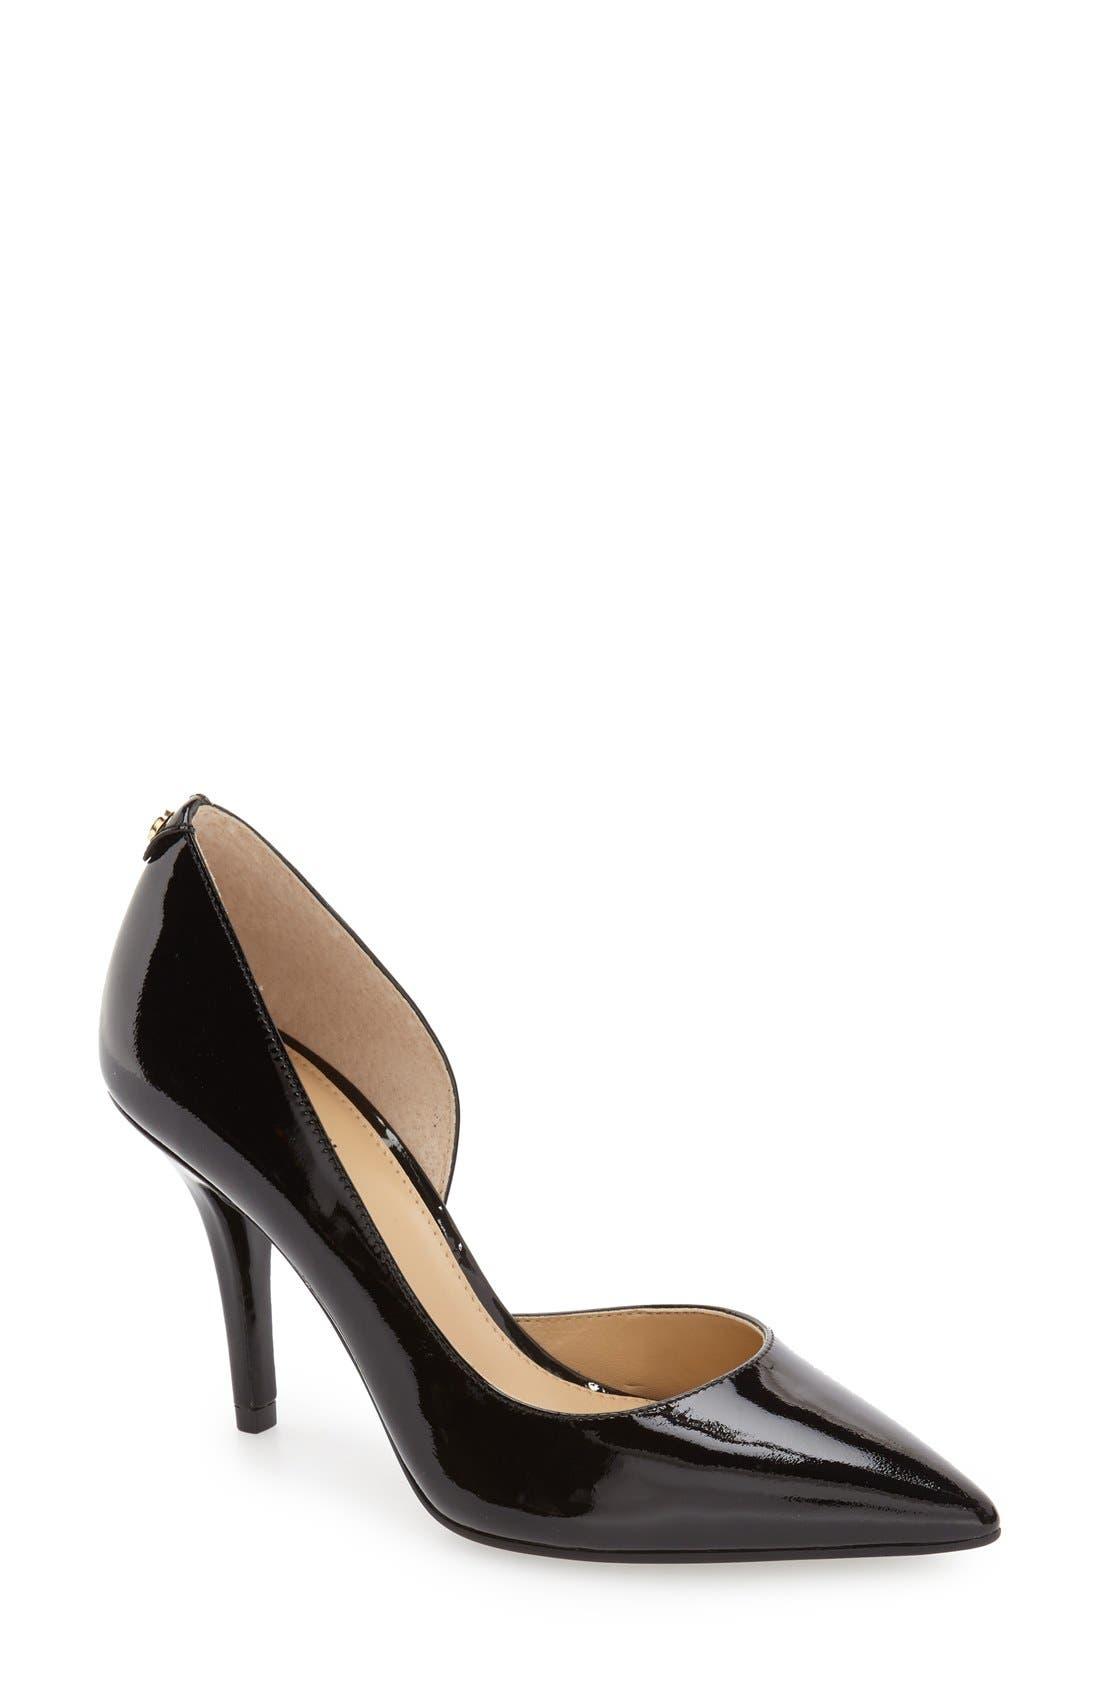 'Nathalie Flex' Half D'Orsay Pump,                             Main thumbnail 1, color,                             Black Patent Leather